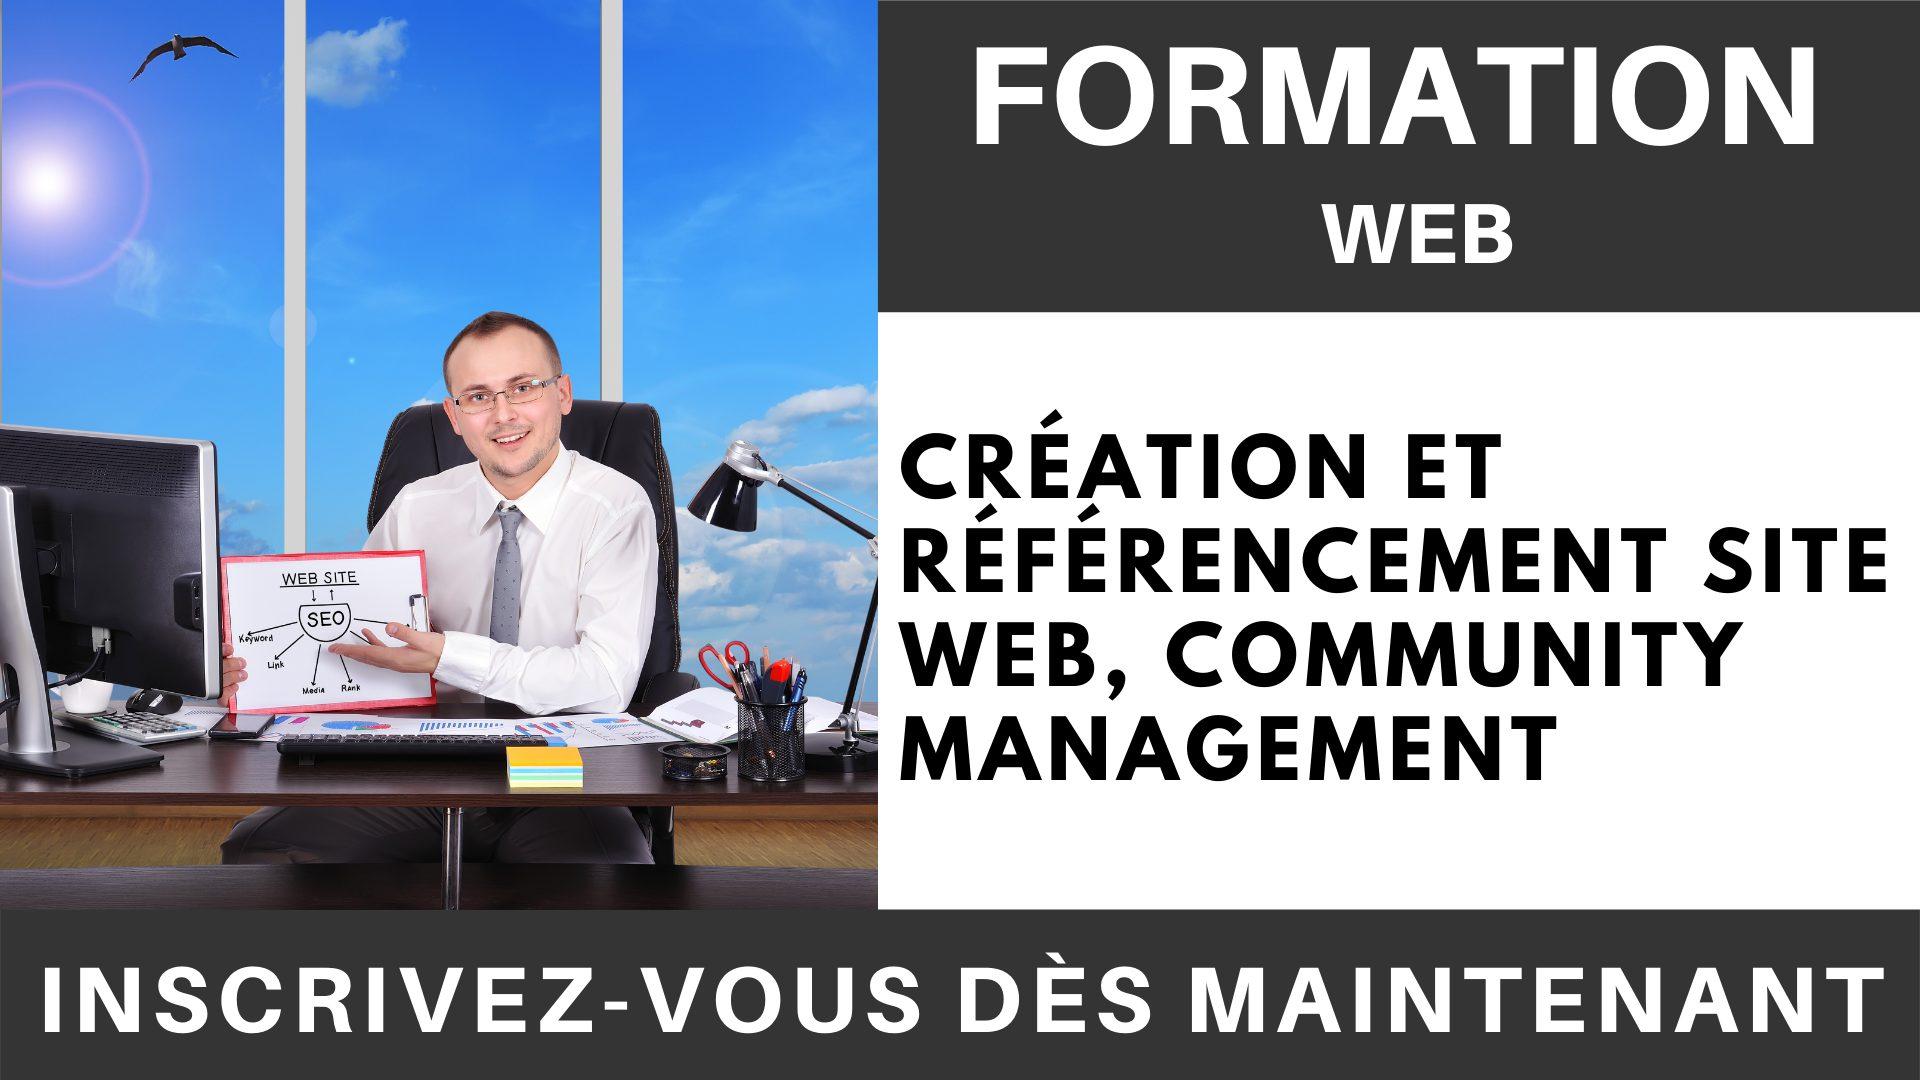 Formation WEB - Création et référencement site web, Community Management (1)